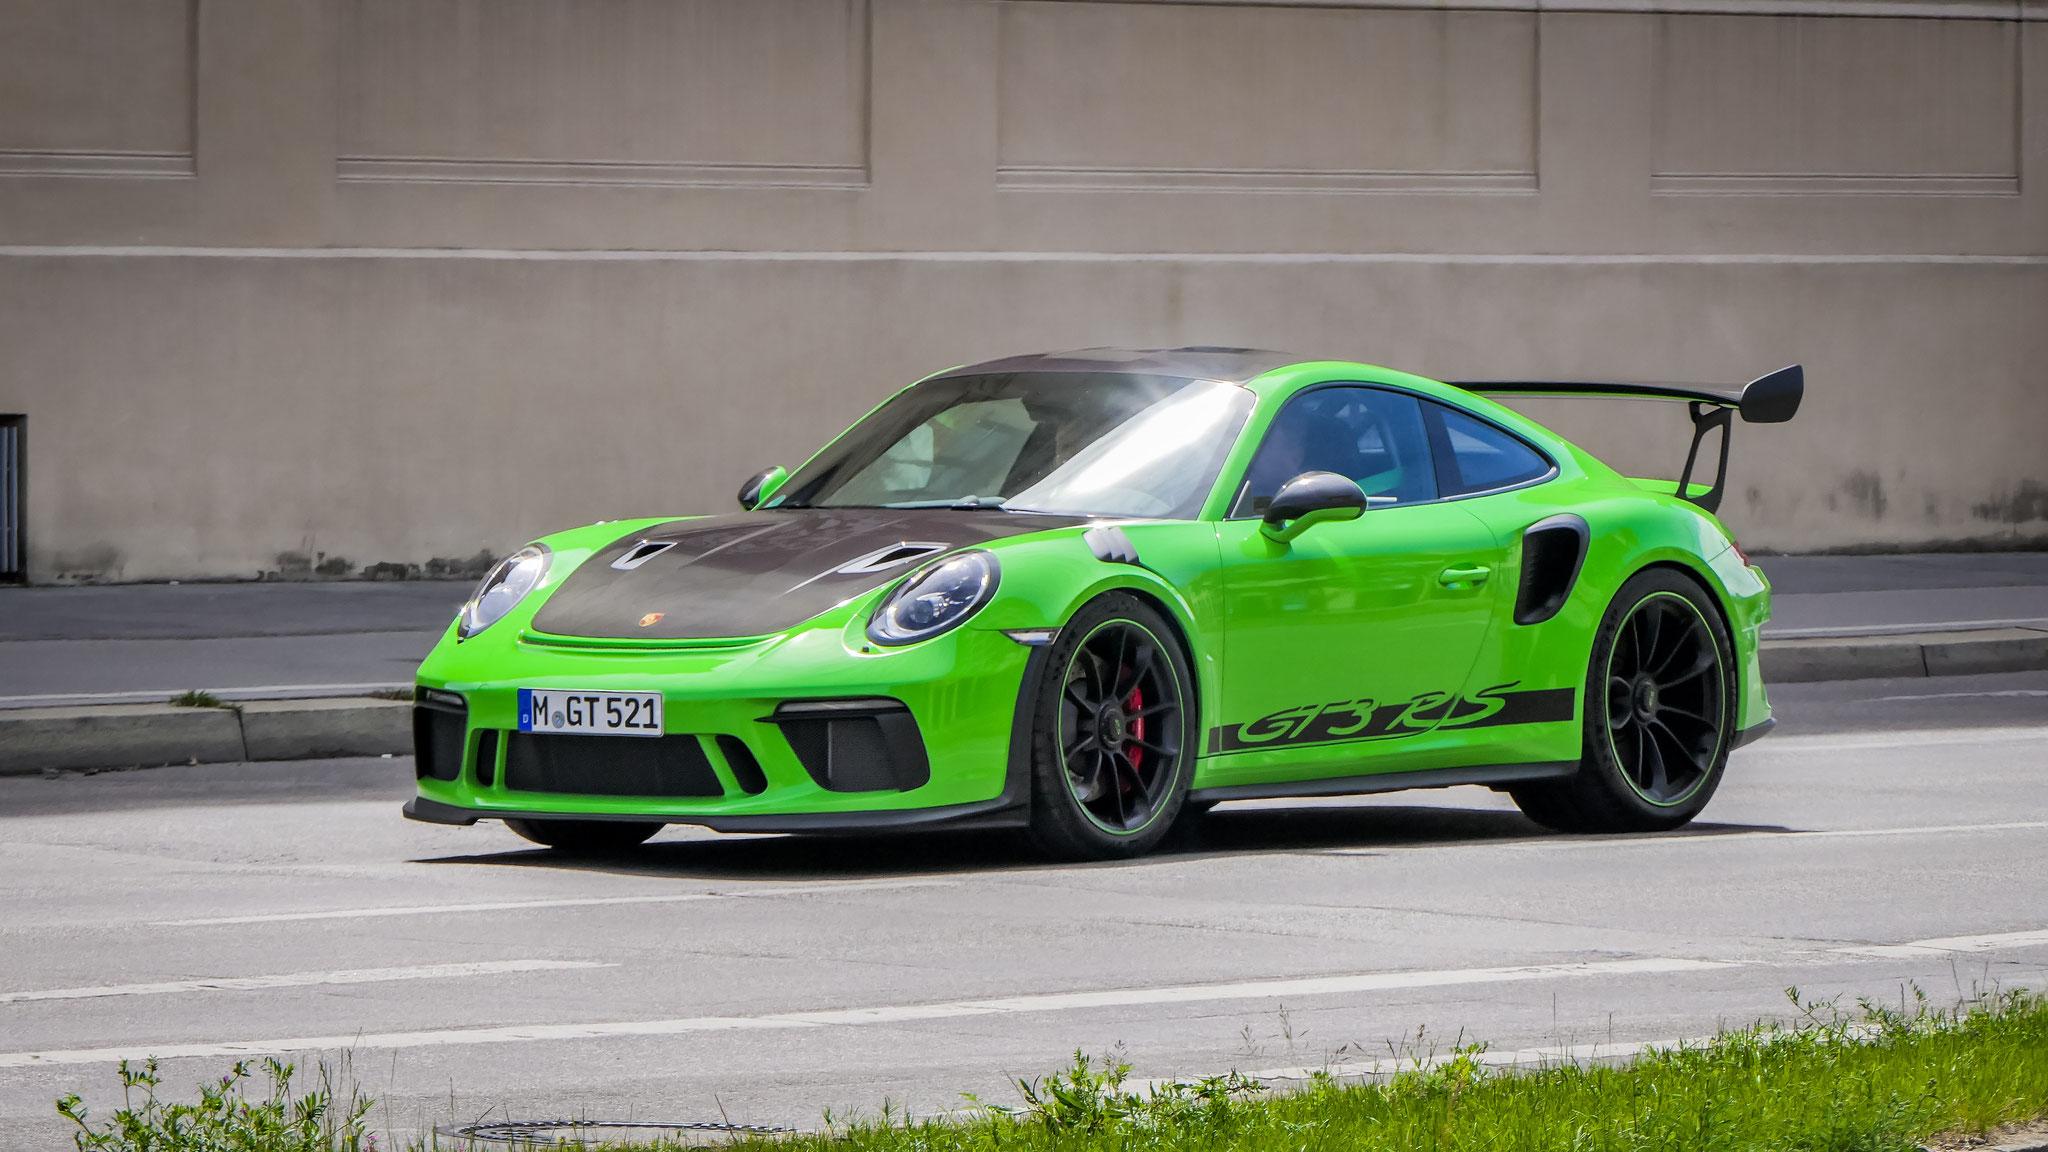 Porsche 911 991.2 GT3 RS - M-GT-521